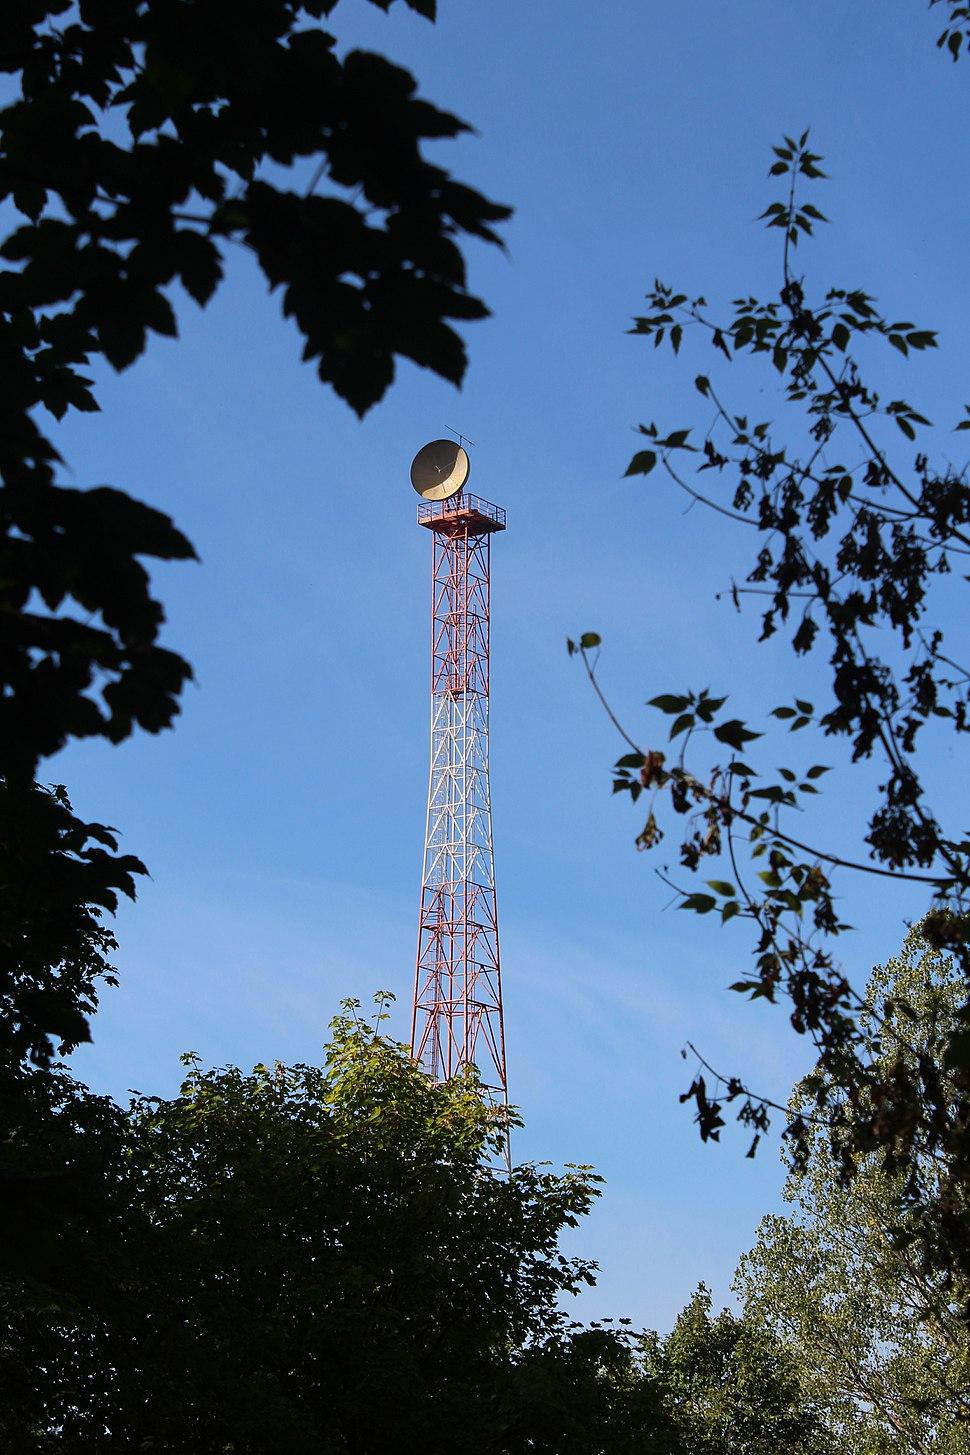 Warsaw radio mast - Howling Pixel